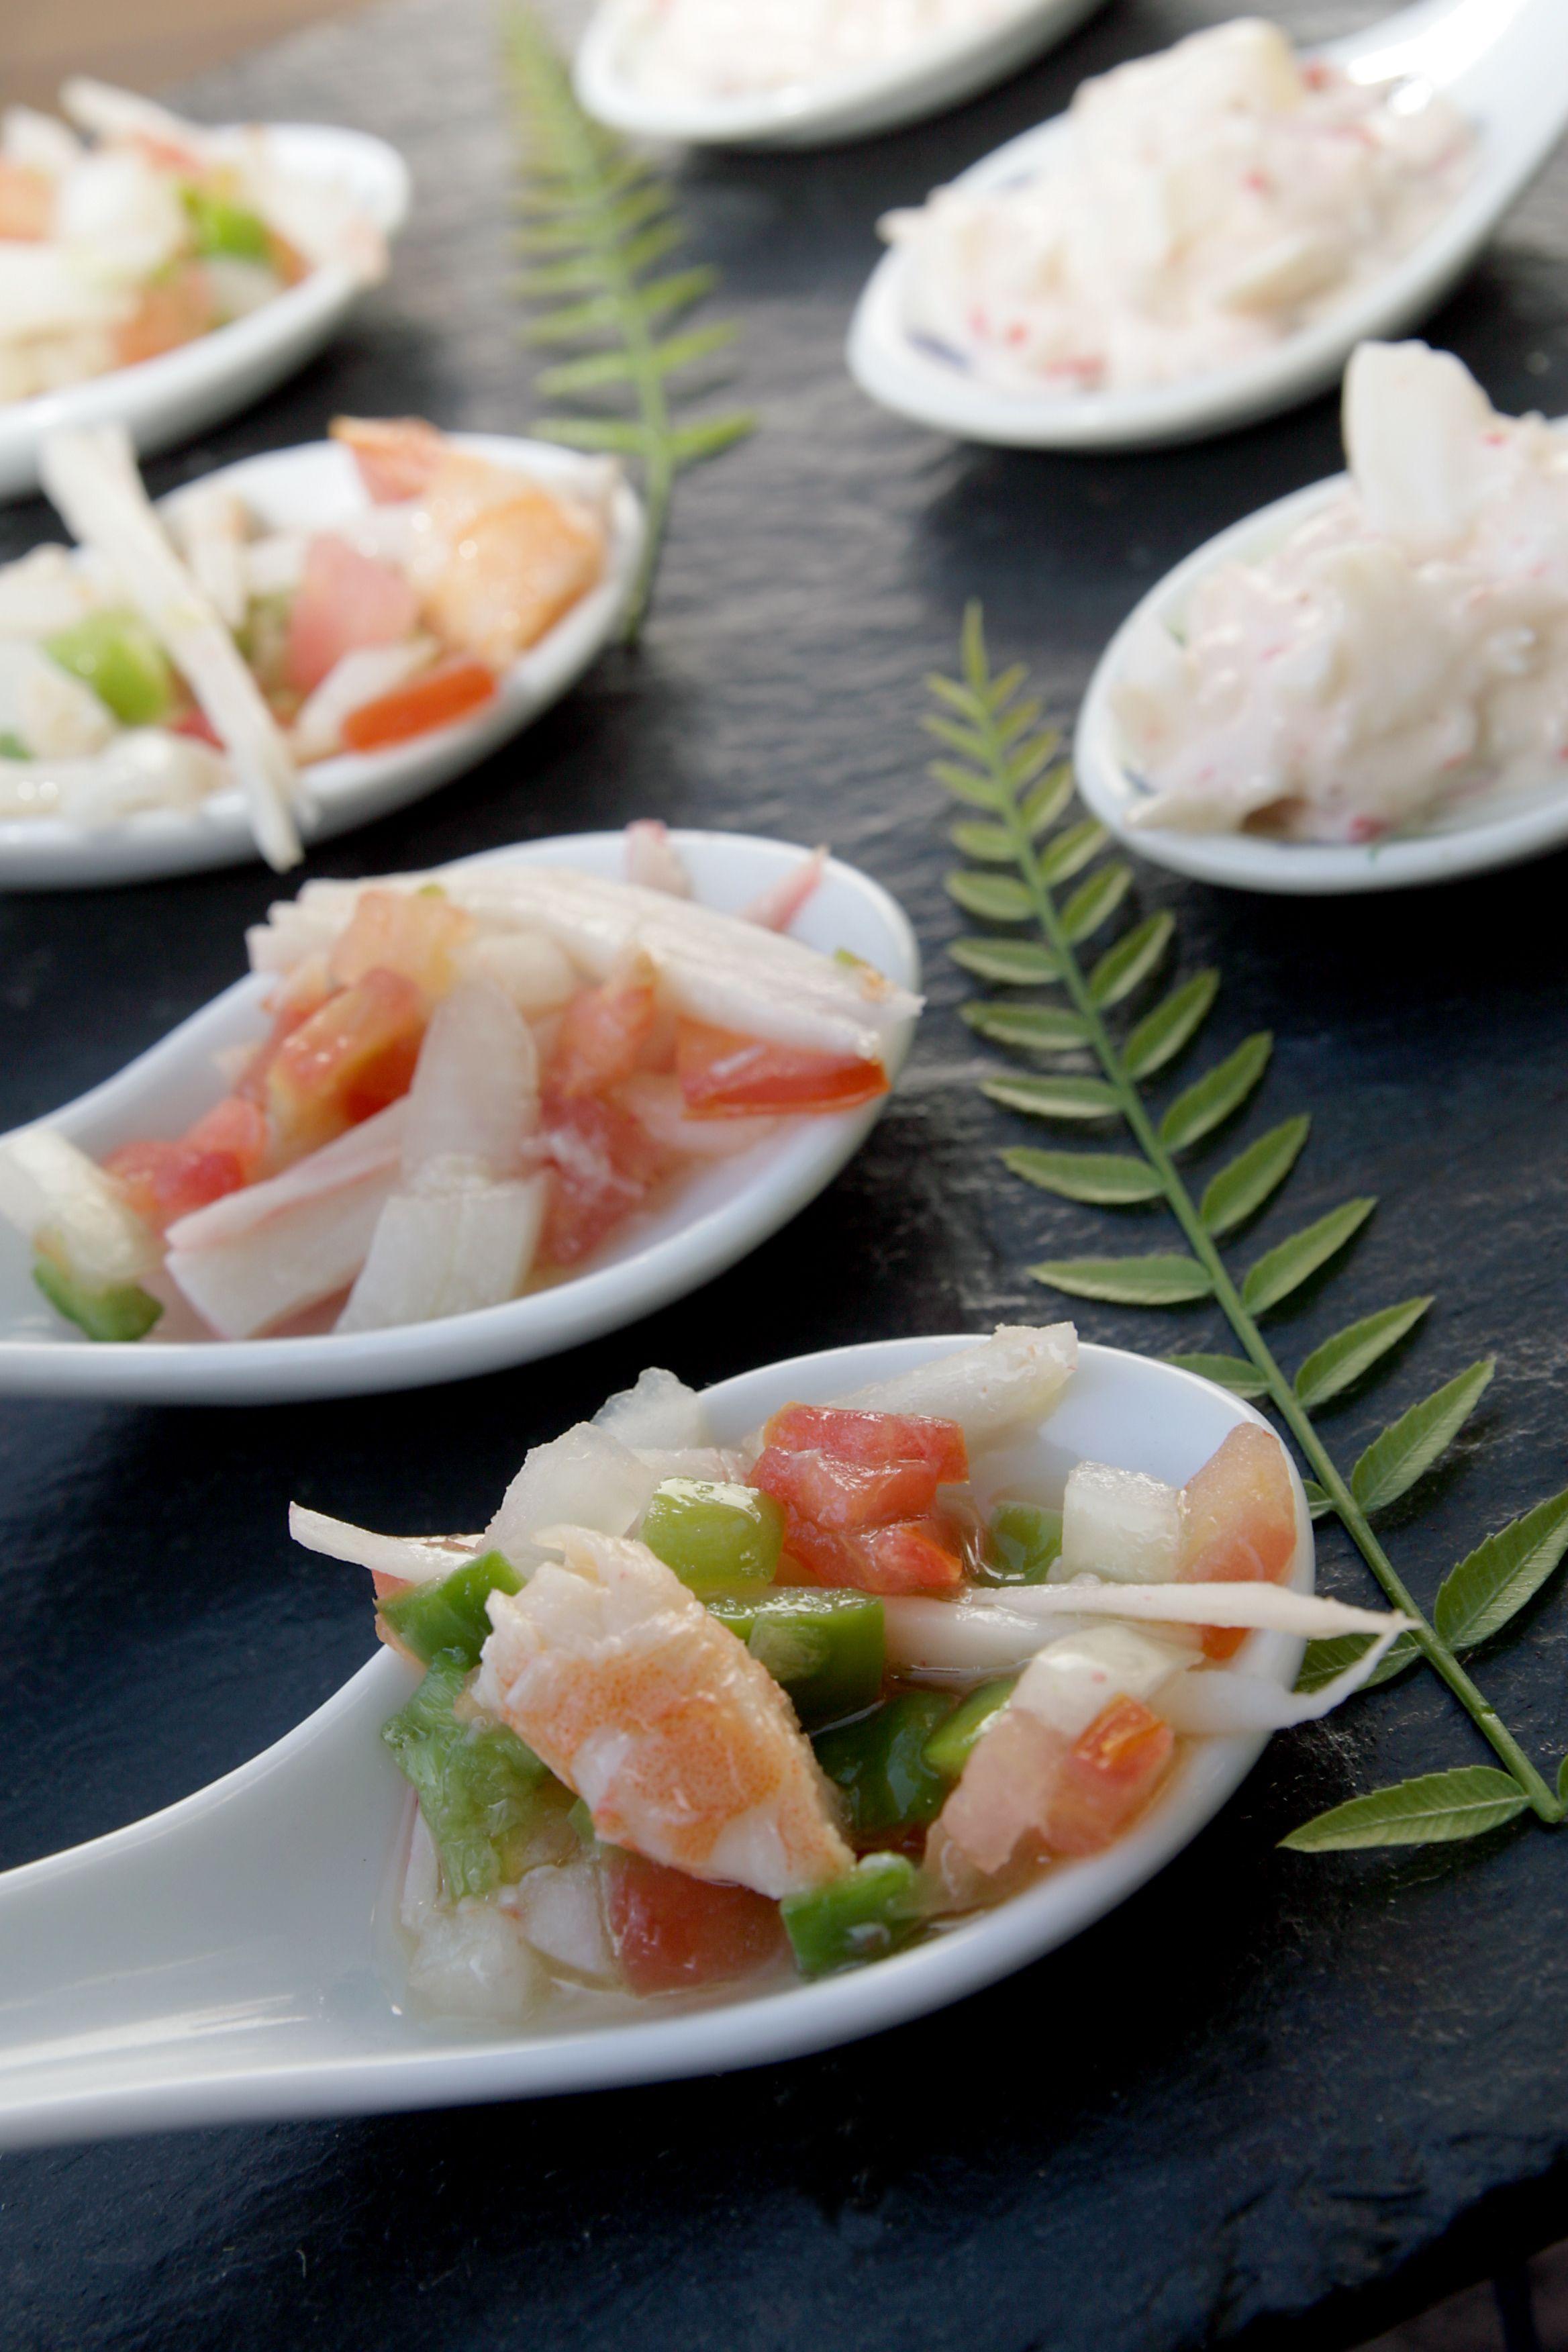 Cuchara de salpicón de marisco #boda #weddings #eventos #food #cherry #cheese #queso #celebration #http://victoriahidalgocatering.com/